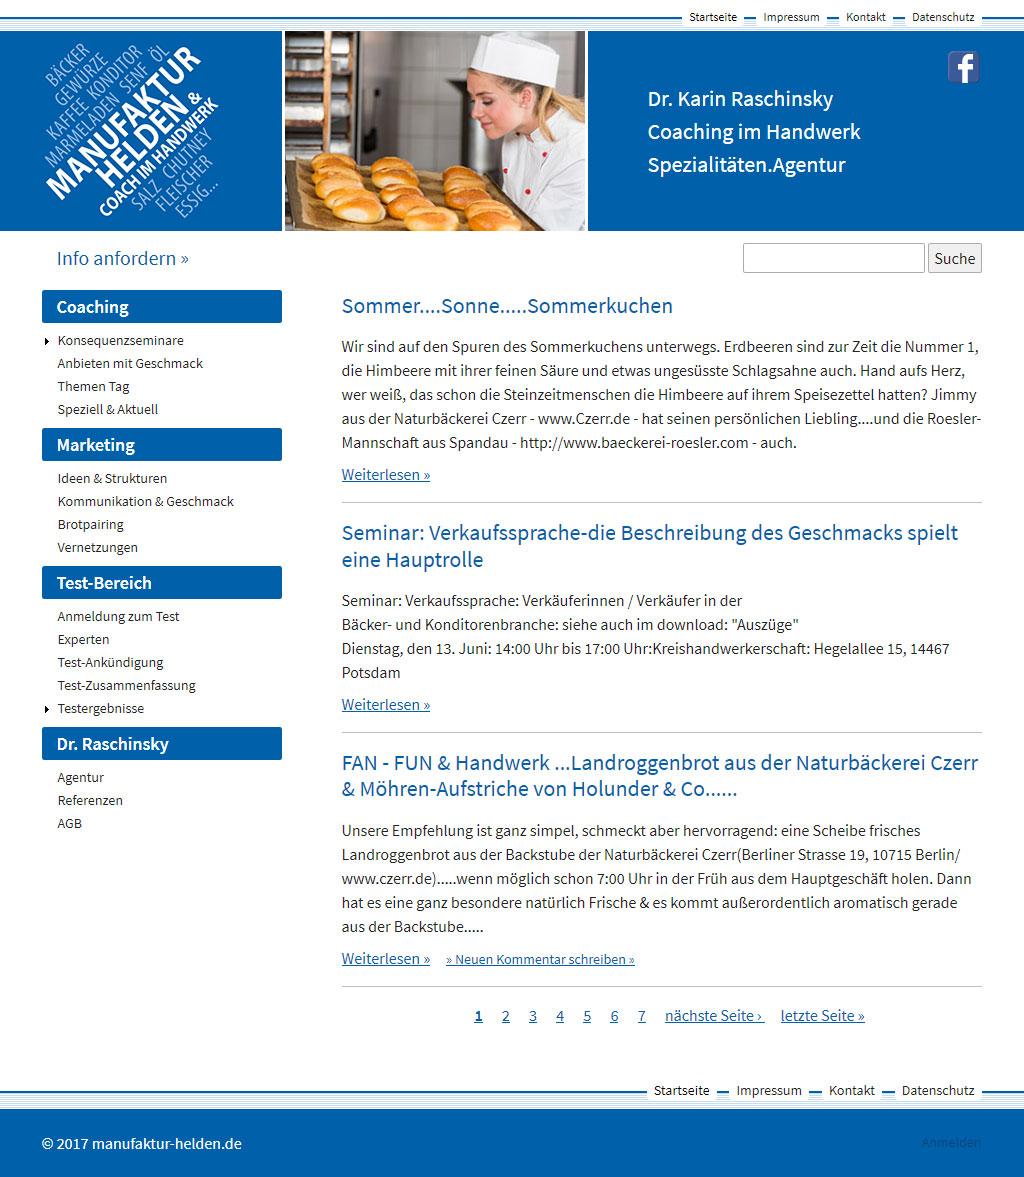 Website der Spezialitäten.Agentur Manufaktur-Helden